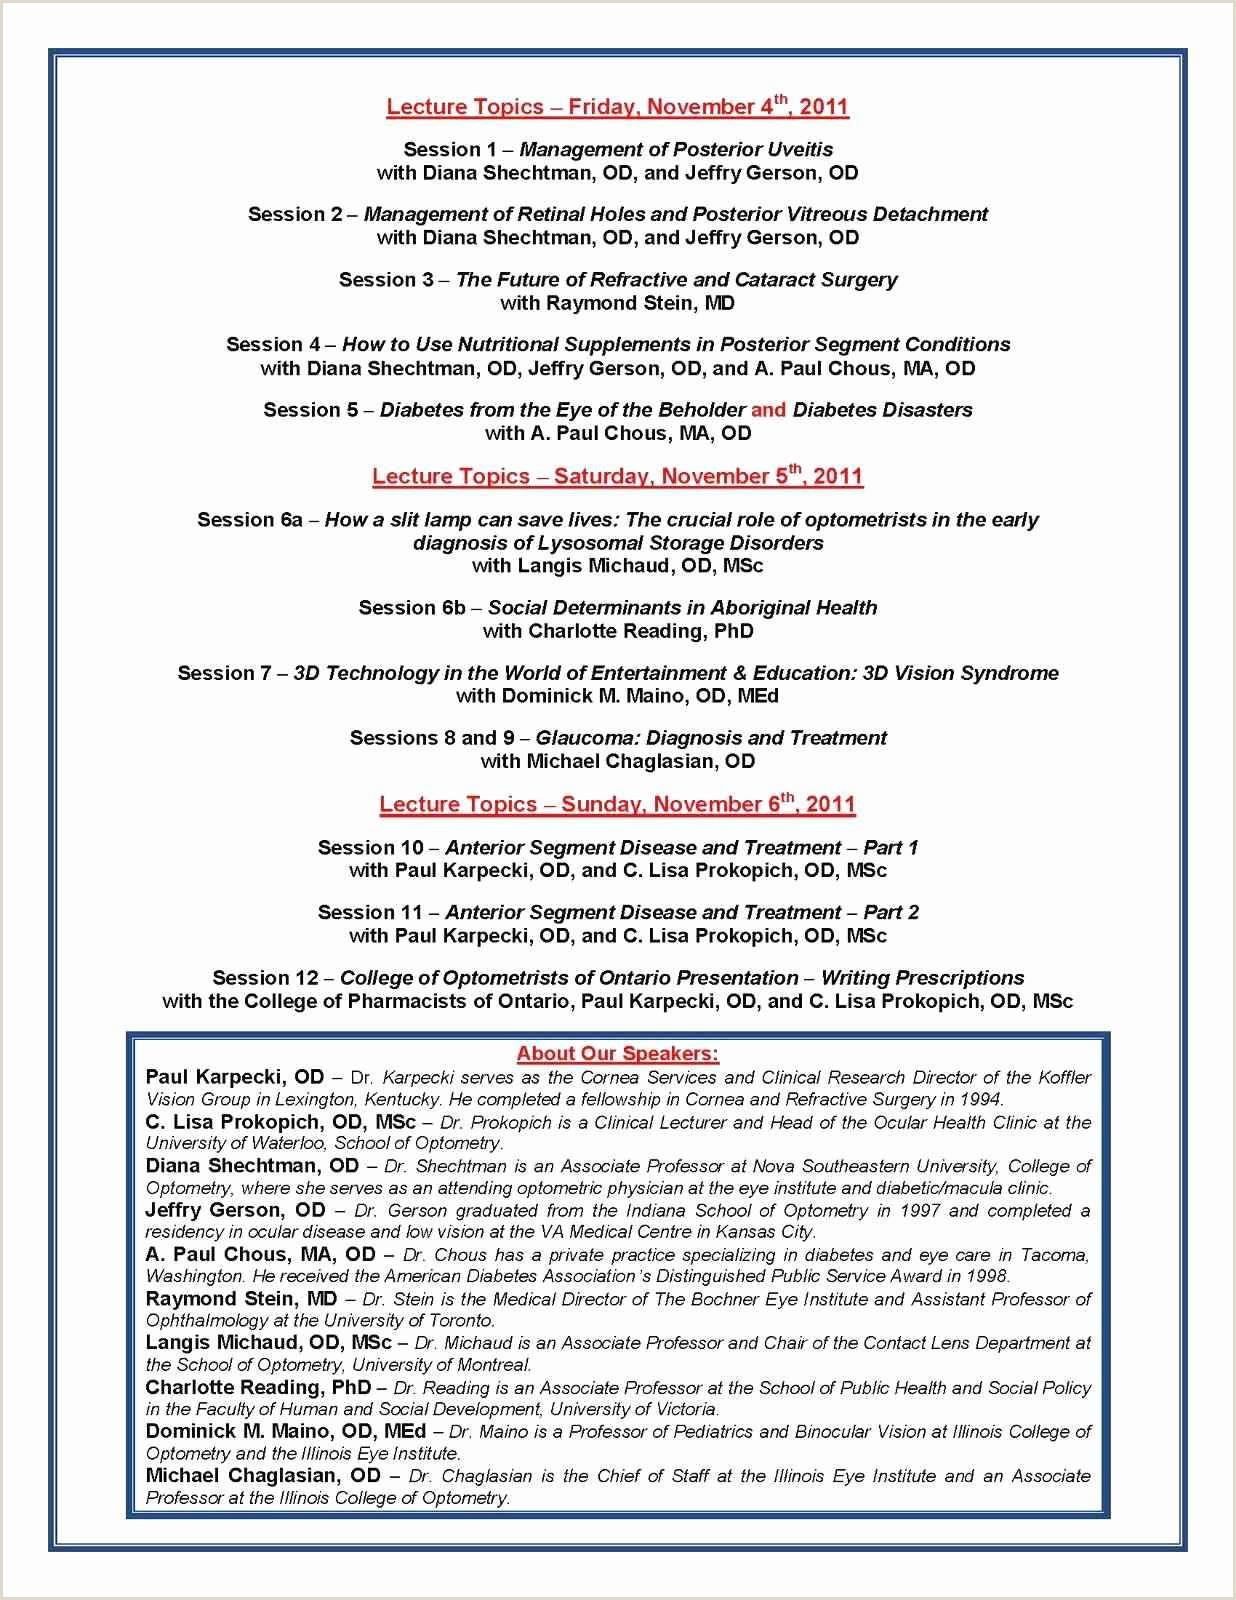 Cv Europass format In Romana Model Cv Europass Romana Archives Worldindoorlacrosse